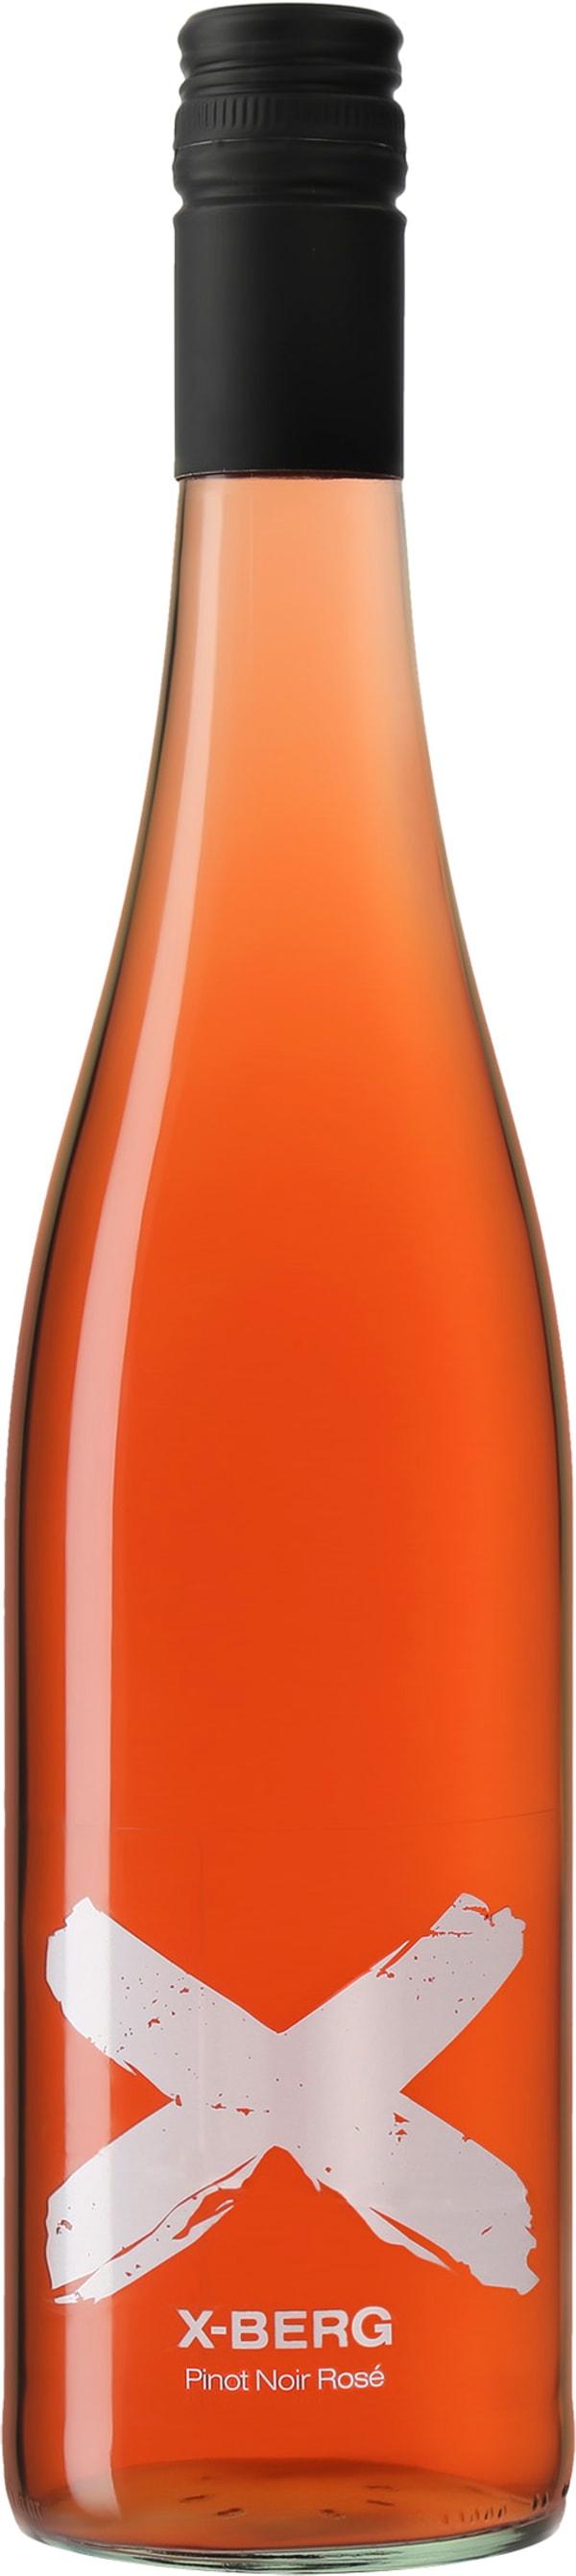 X-Berg Pinot Noir Rosé 2017